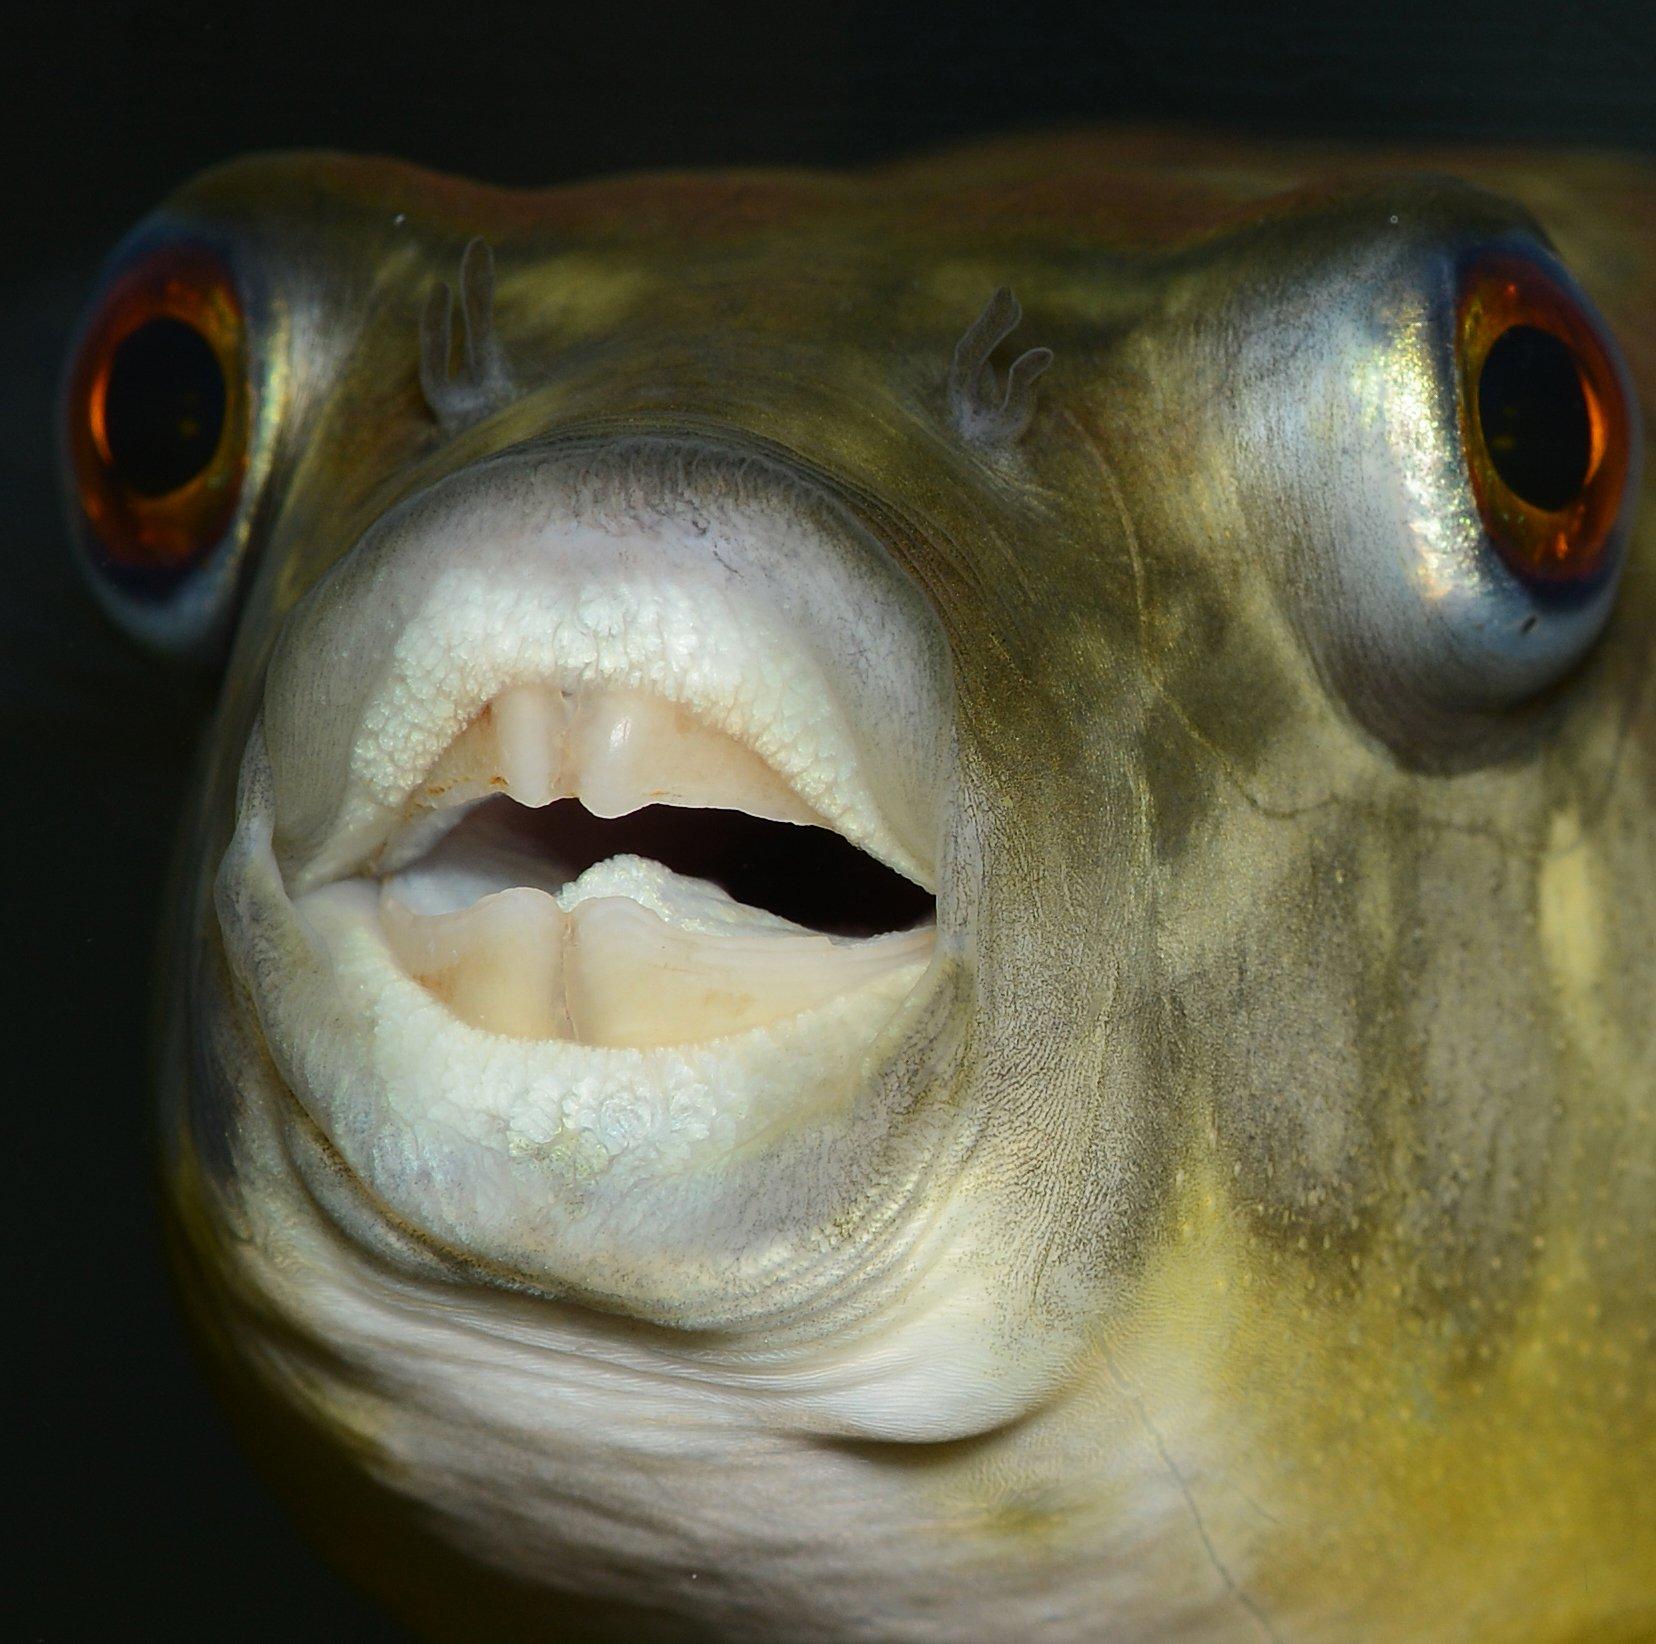 этого рыба с клювом картинки если это